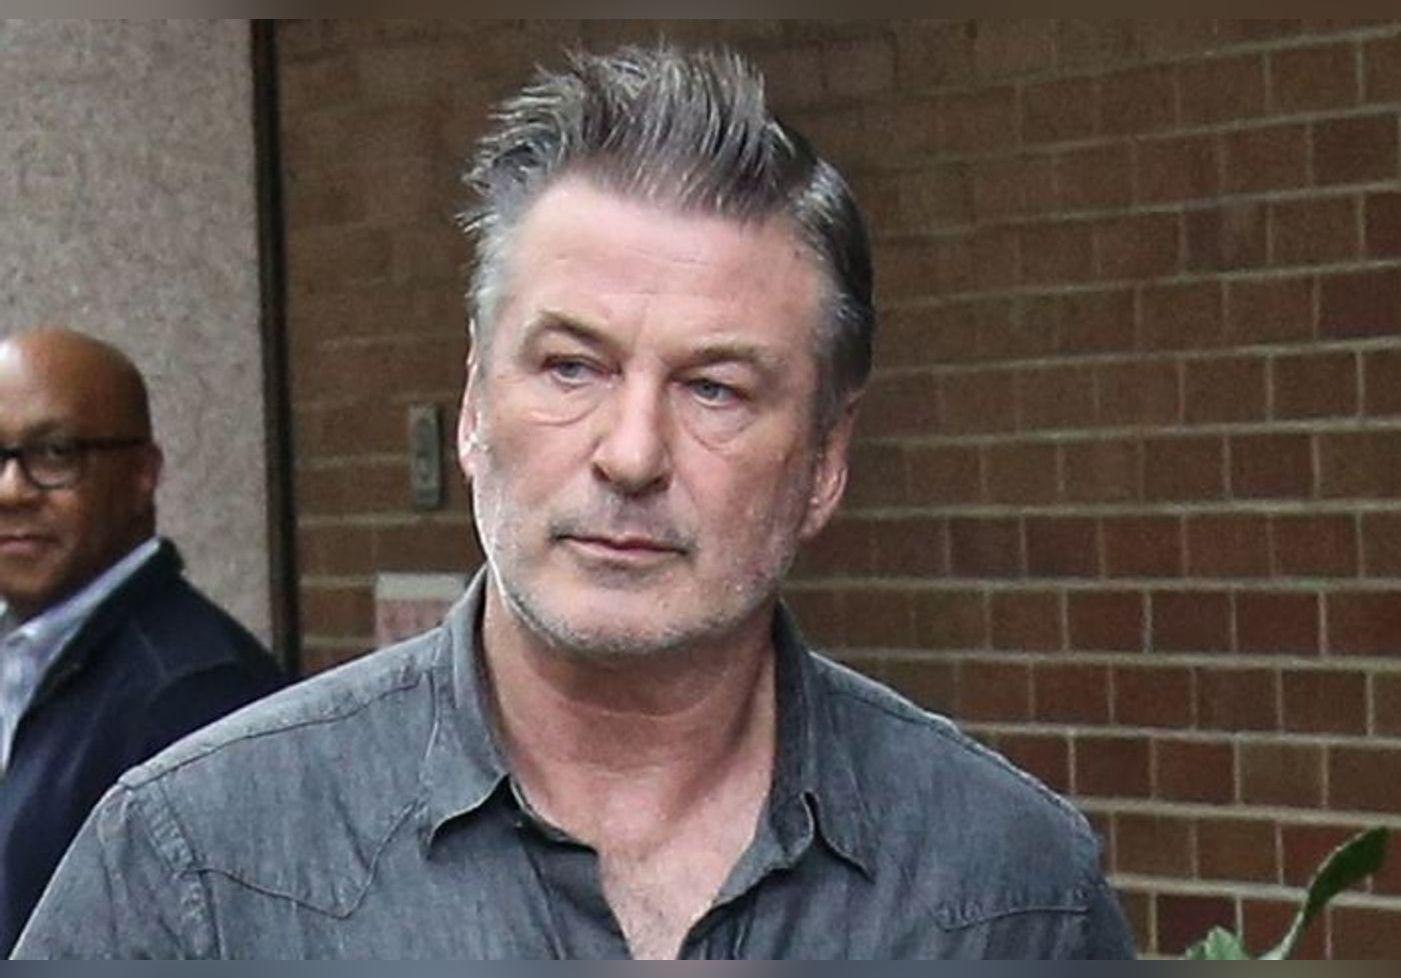 Alec baldwin brise le silence après avoir tué Halyna Hutchins : « Il n'y a pas de mots pour exprimer mon choc, j'ai le cœur brisé »